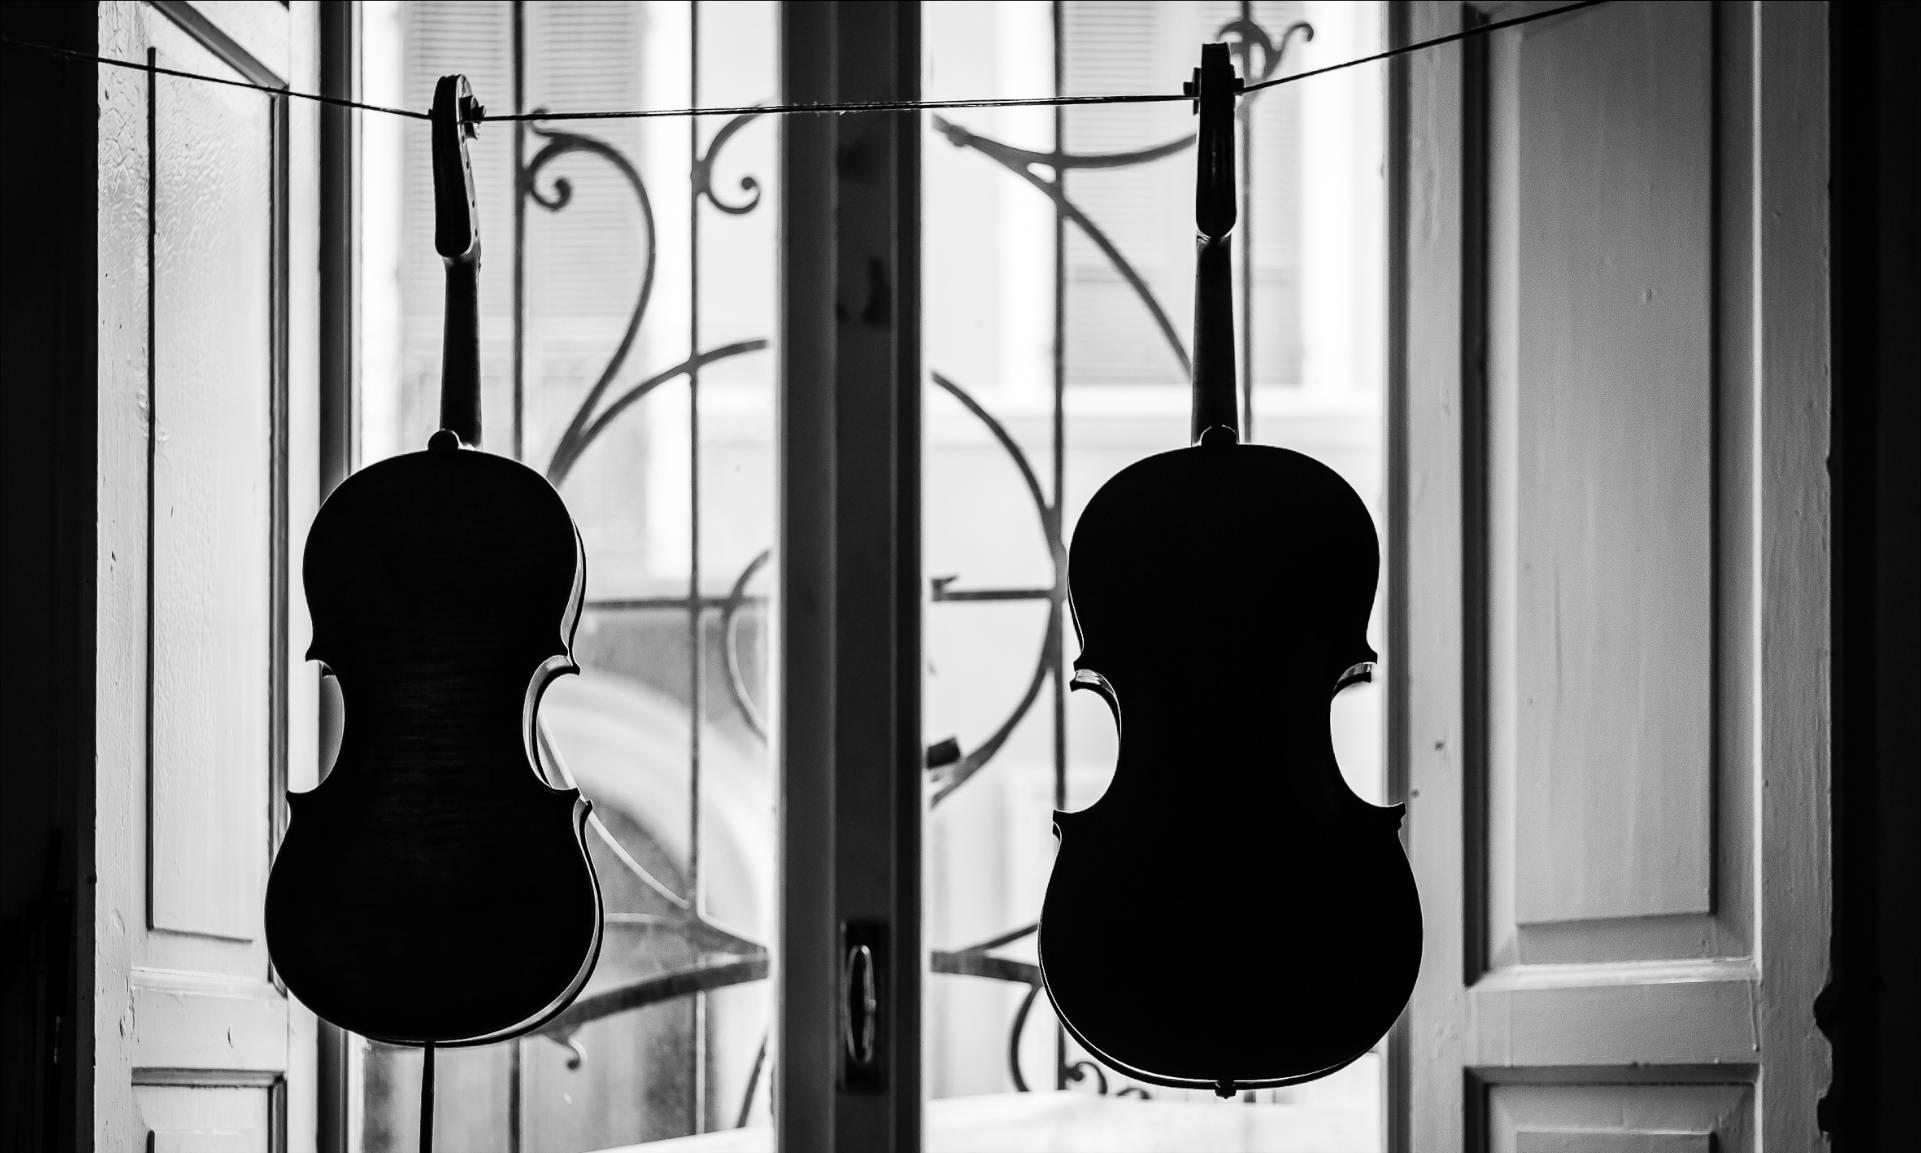 violini-alla-finestra